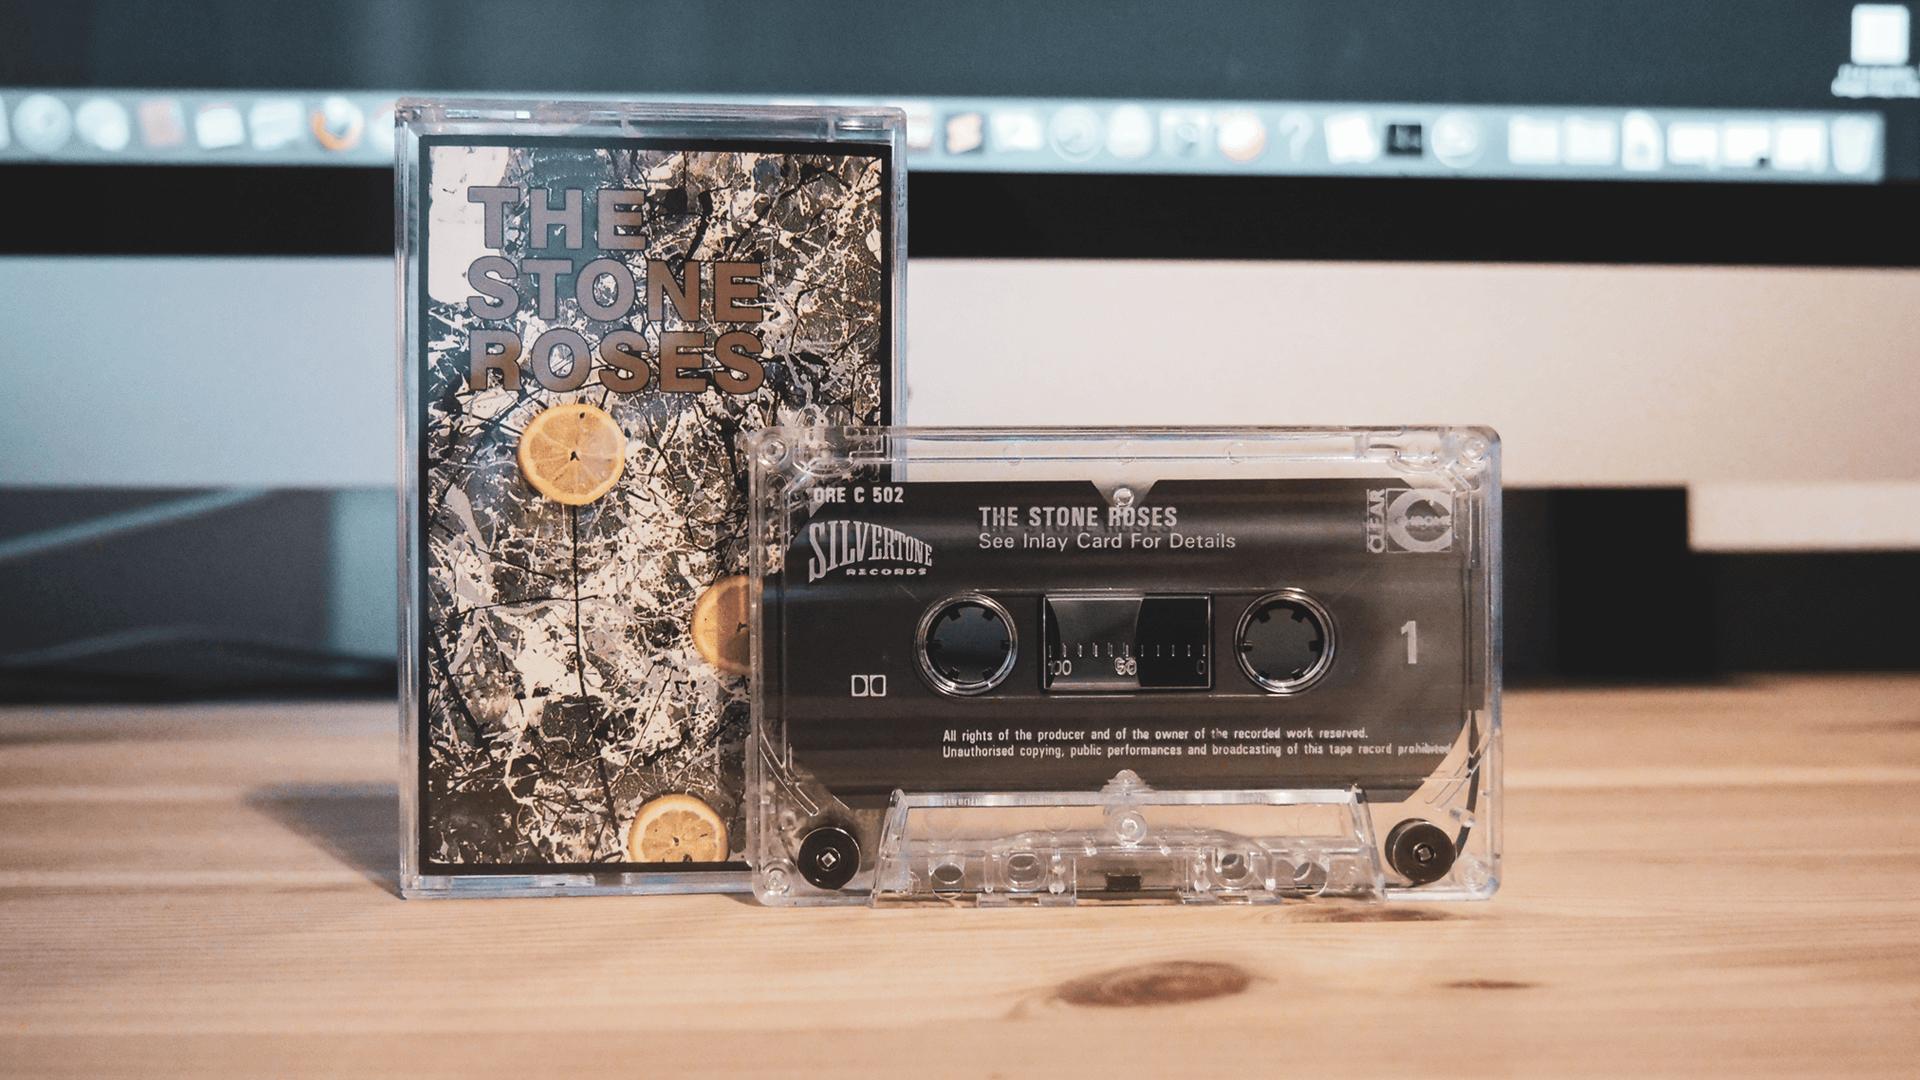 カッコよすぎる「THE STONE ROSES」のカセットテープ。